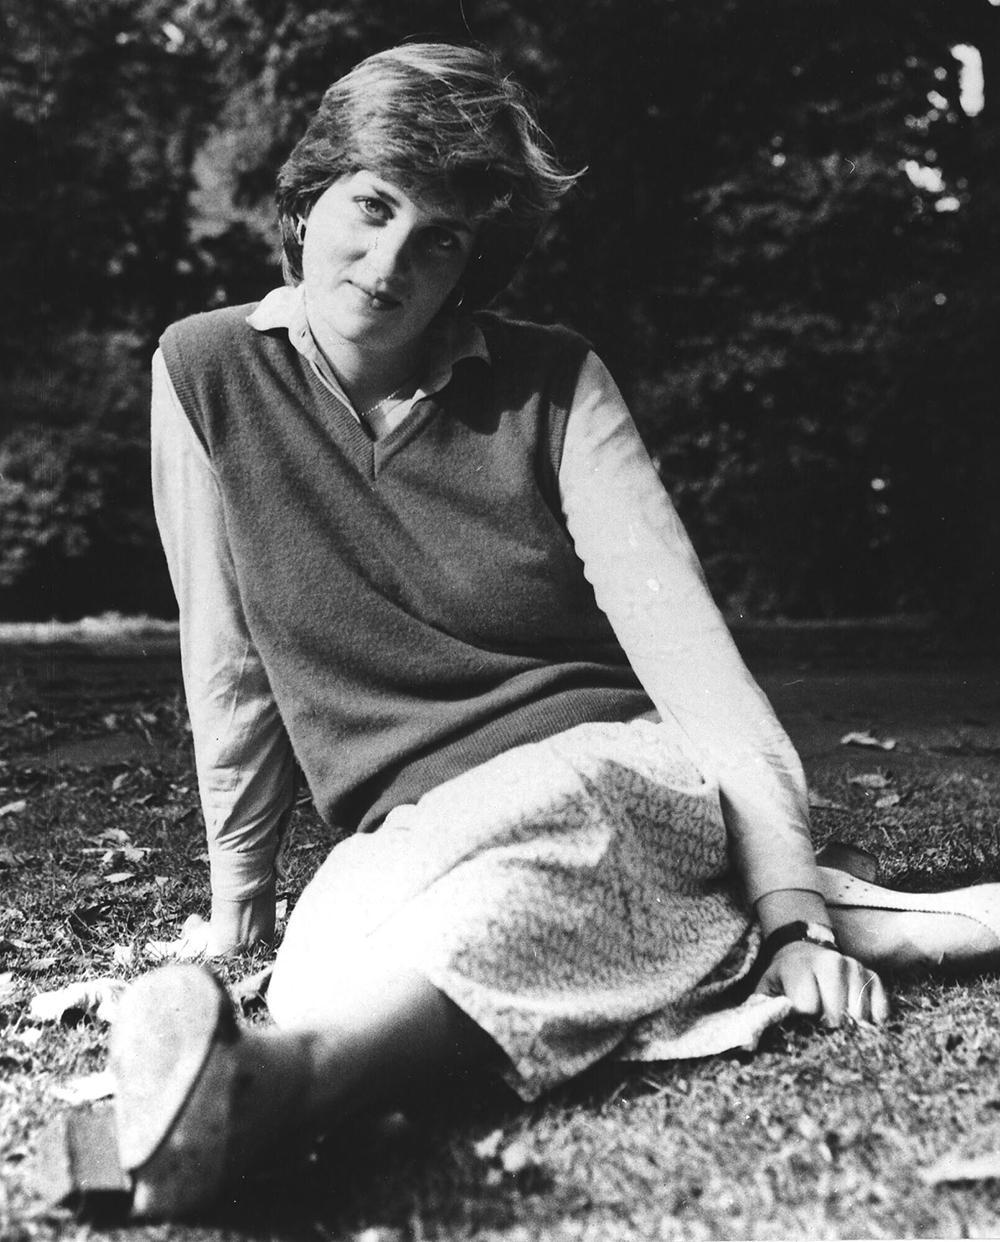 Diana jobbade som barnflicka hos ett amerikanskt par i London samt som förskolelärare på en förskola i Pimlico.